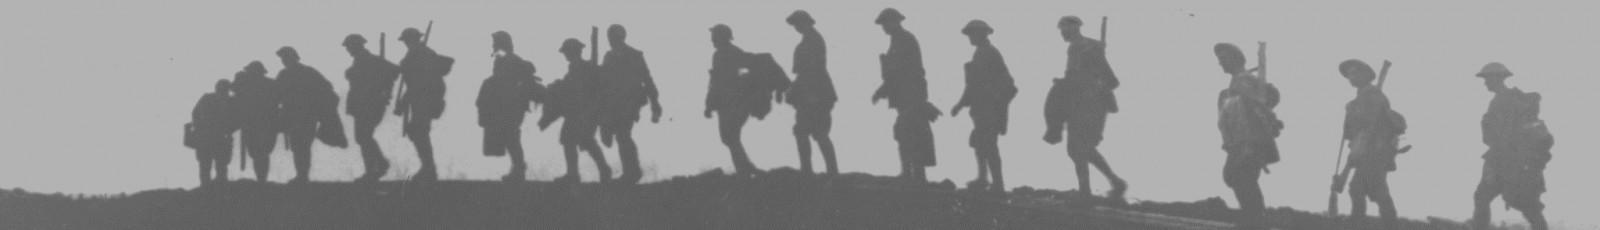 Marlow Remembers WW1